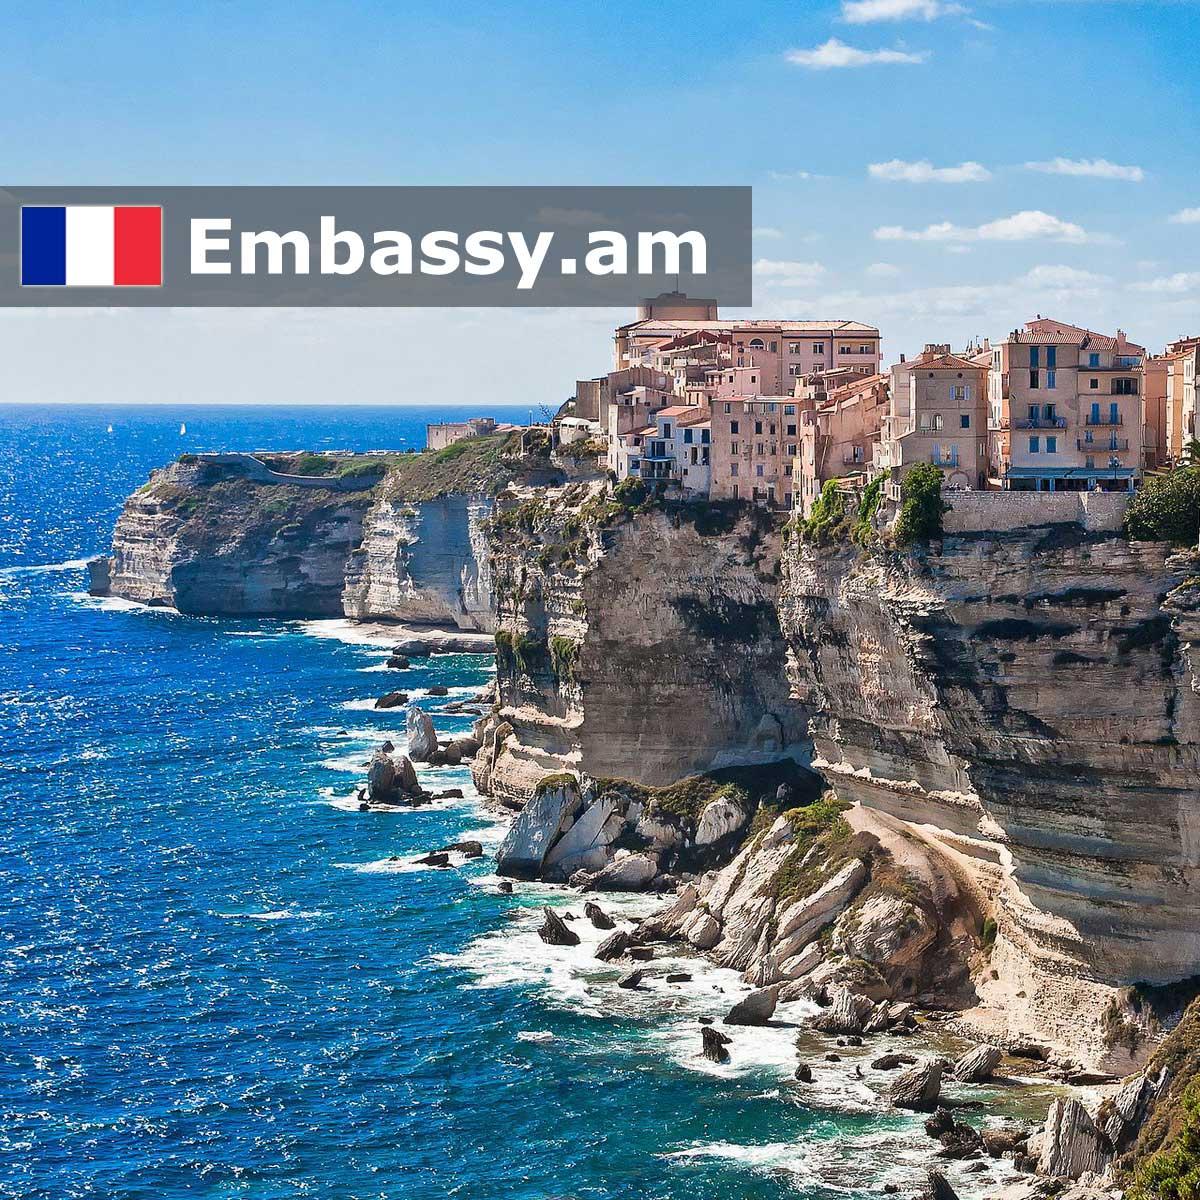 Корсика - Отели во Франции - Embassy.am